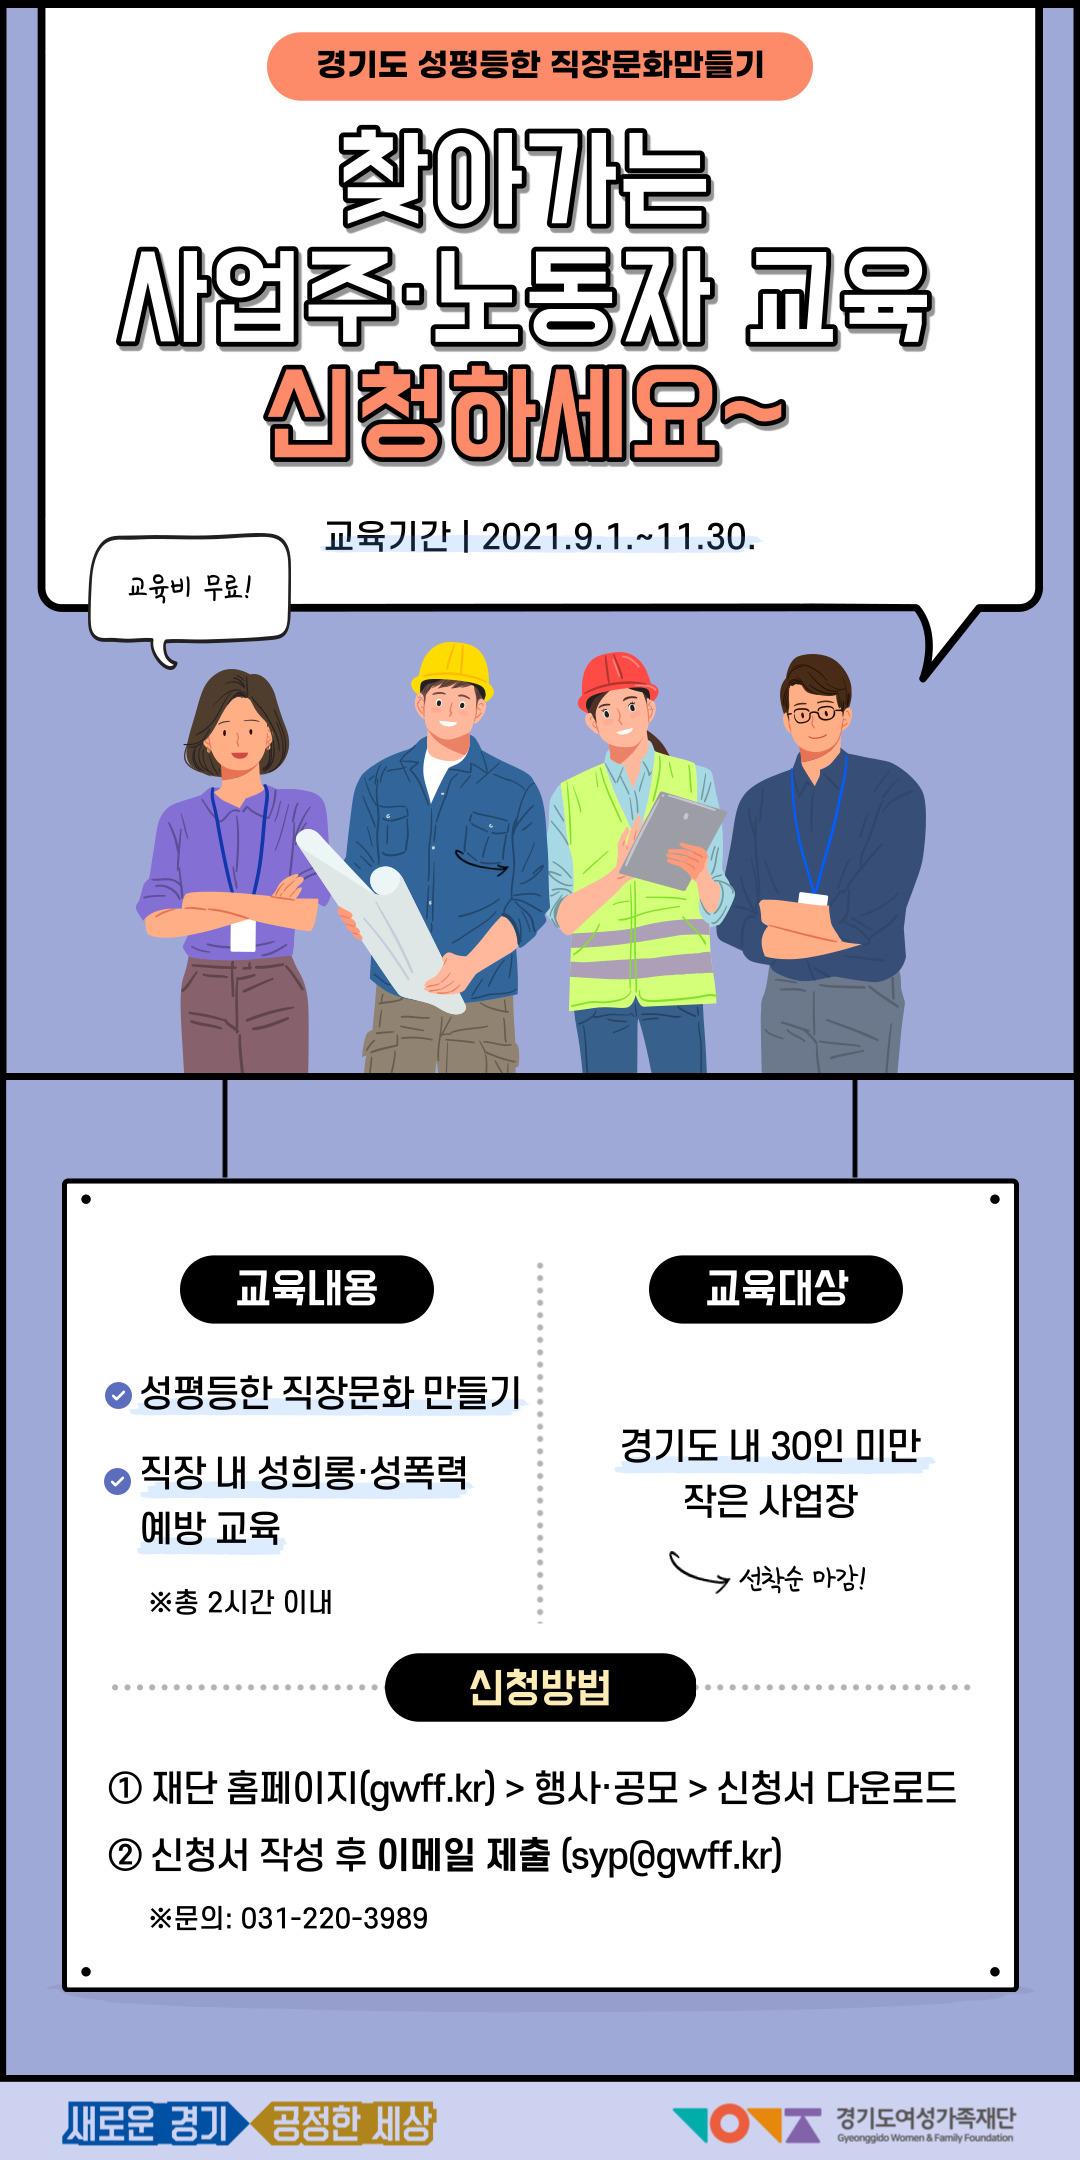 (붙임2) 경기도 성평등한 직장문화 만들기 교육 웹포스터